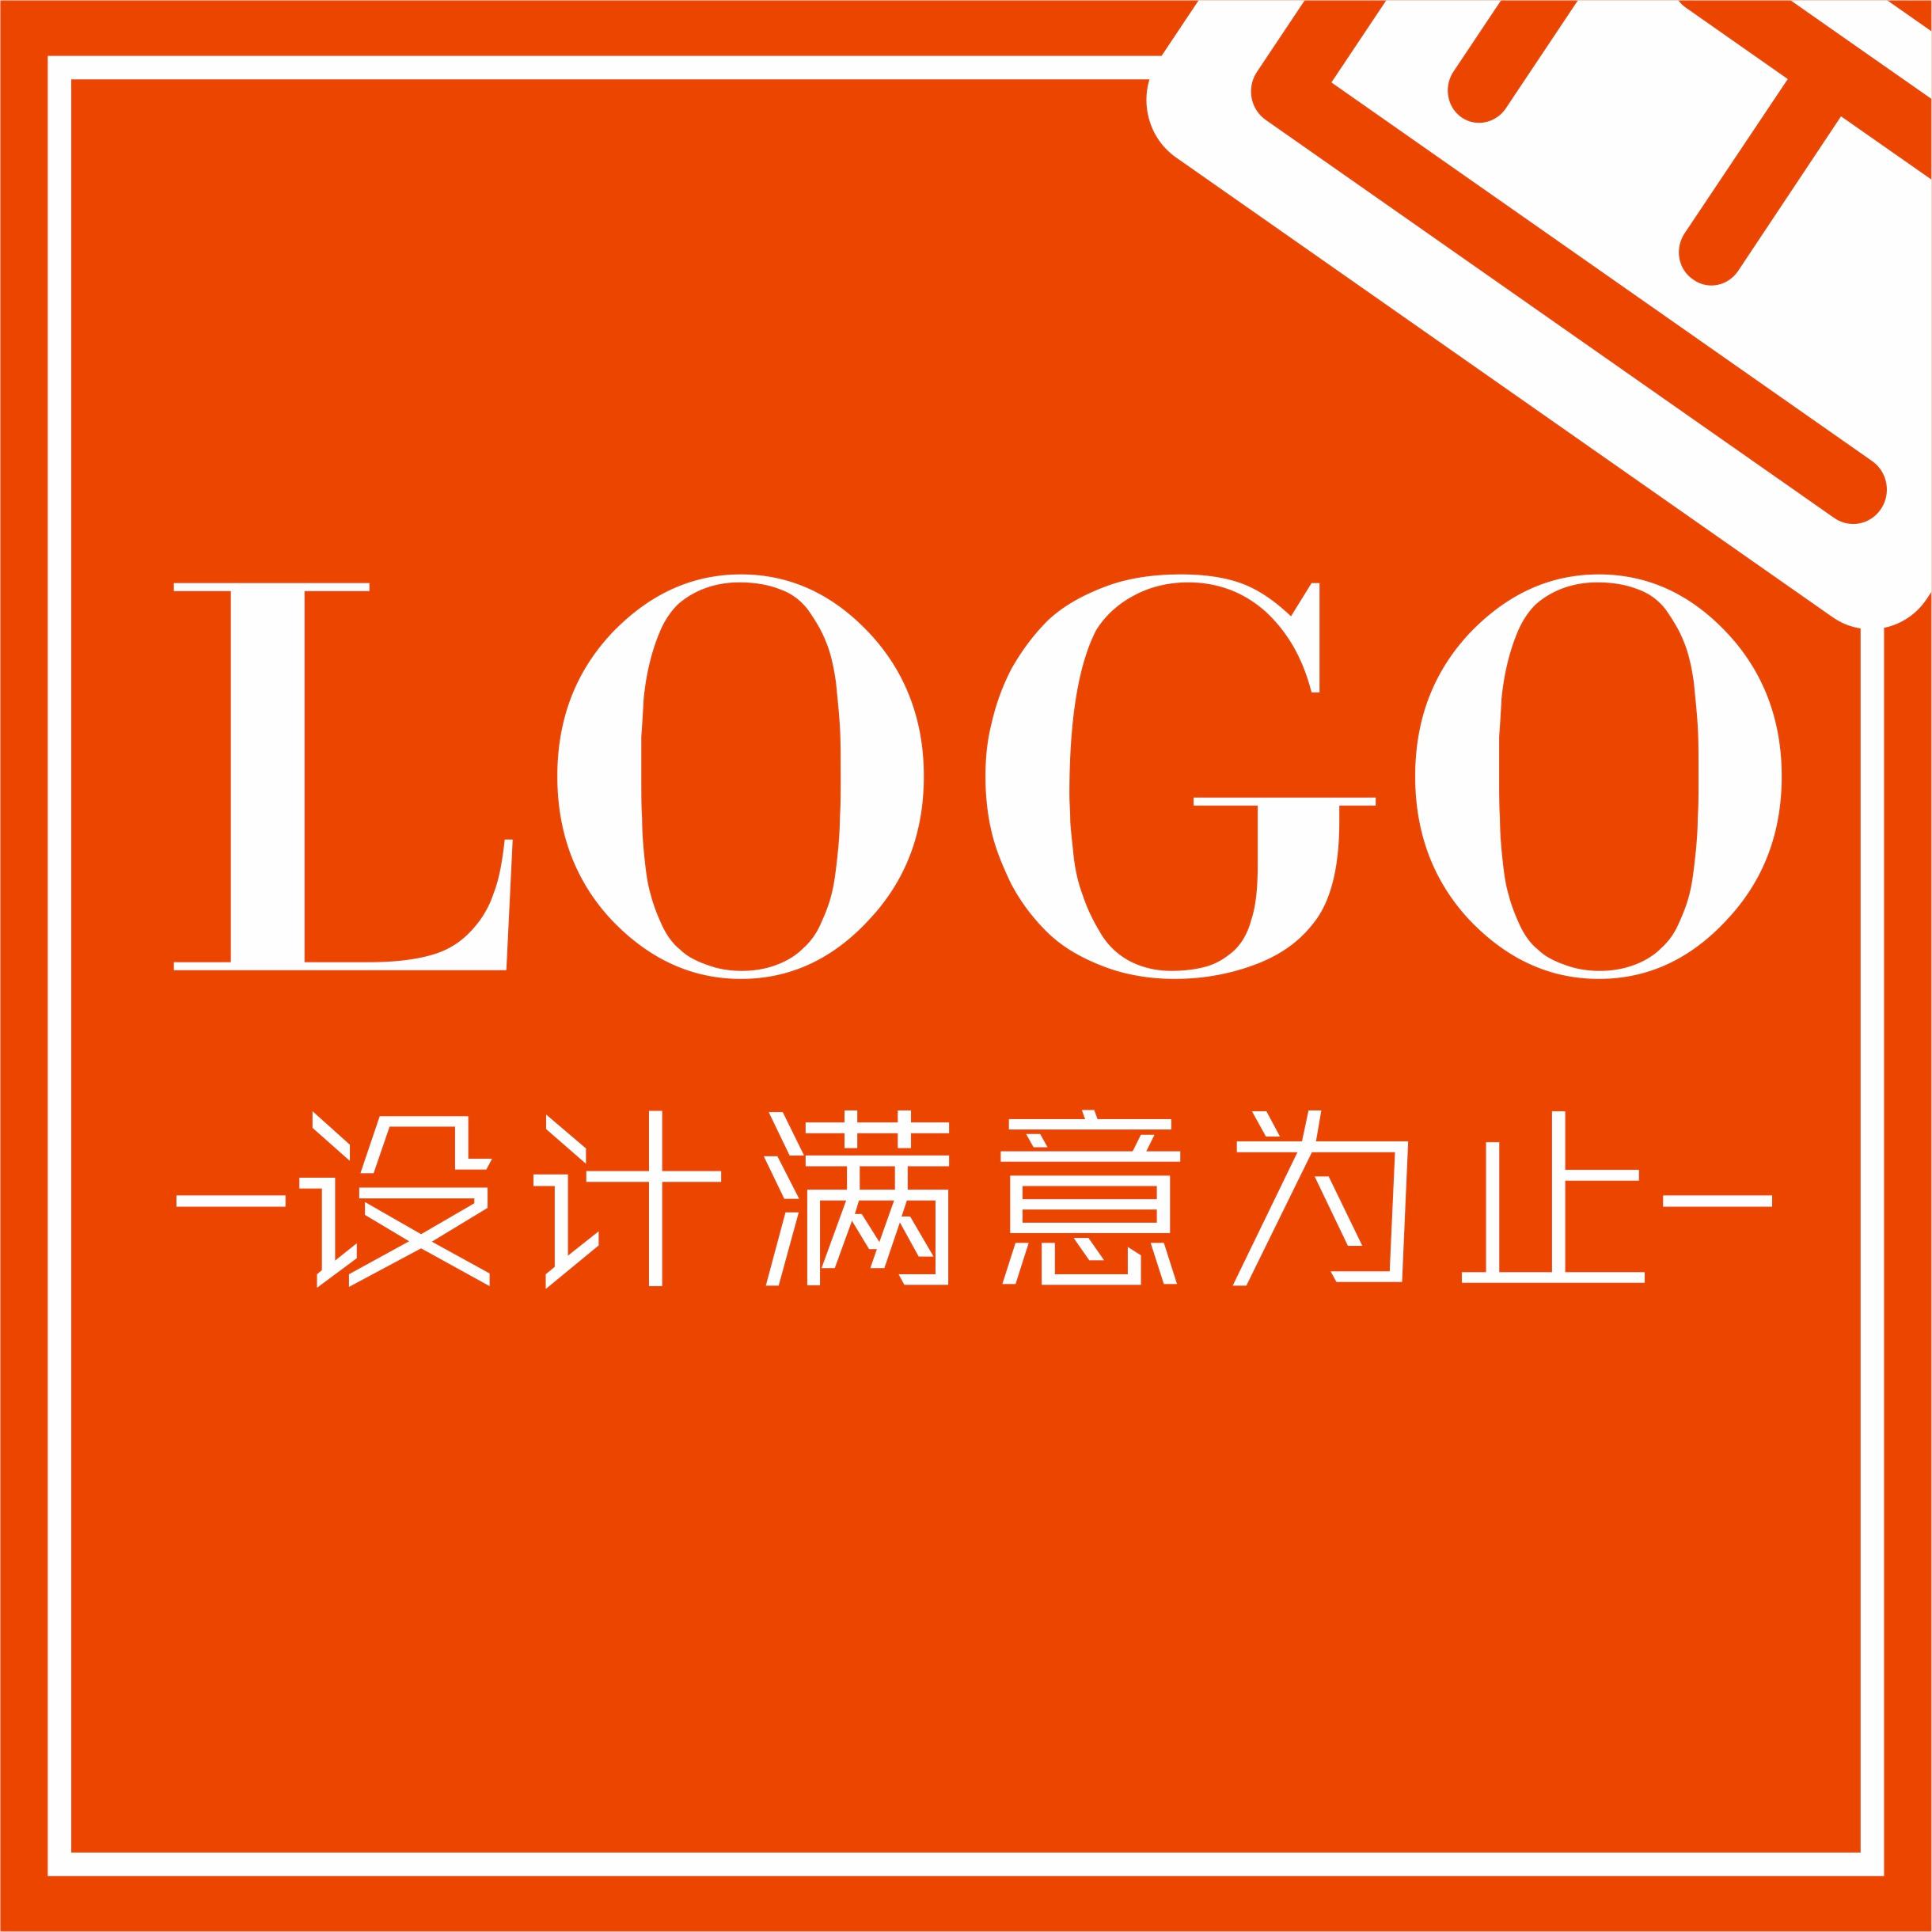 【匠意】logo设计酒店LOGO设计标志设计企业logo设计